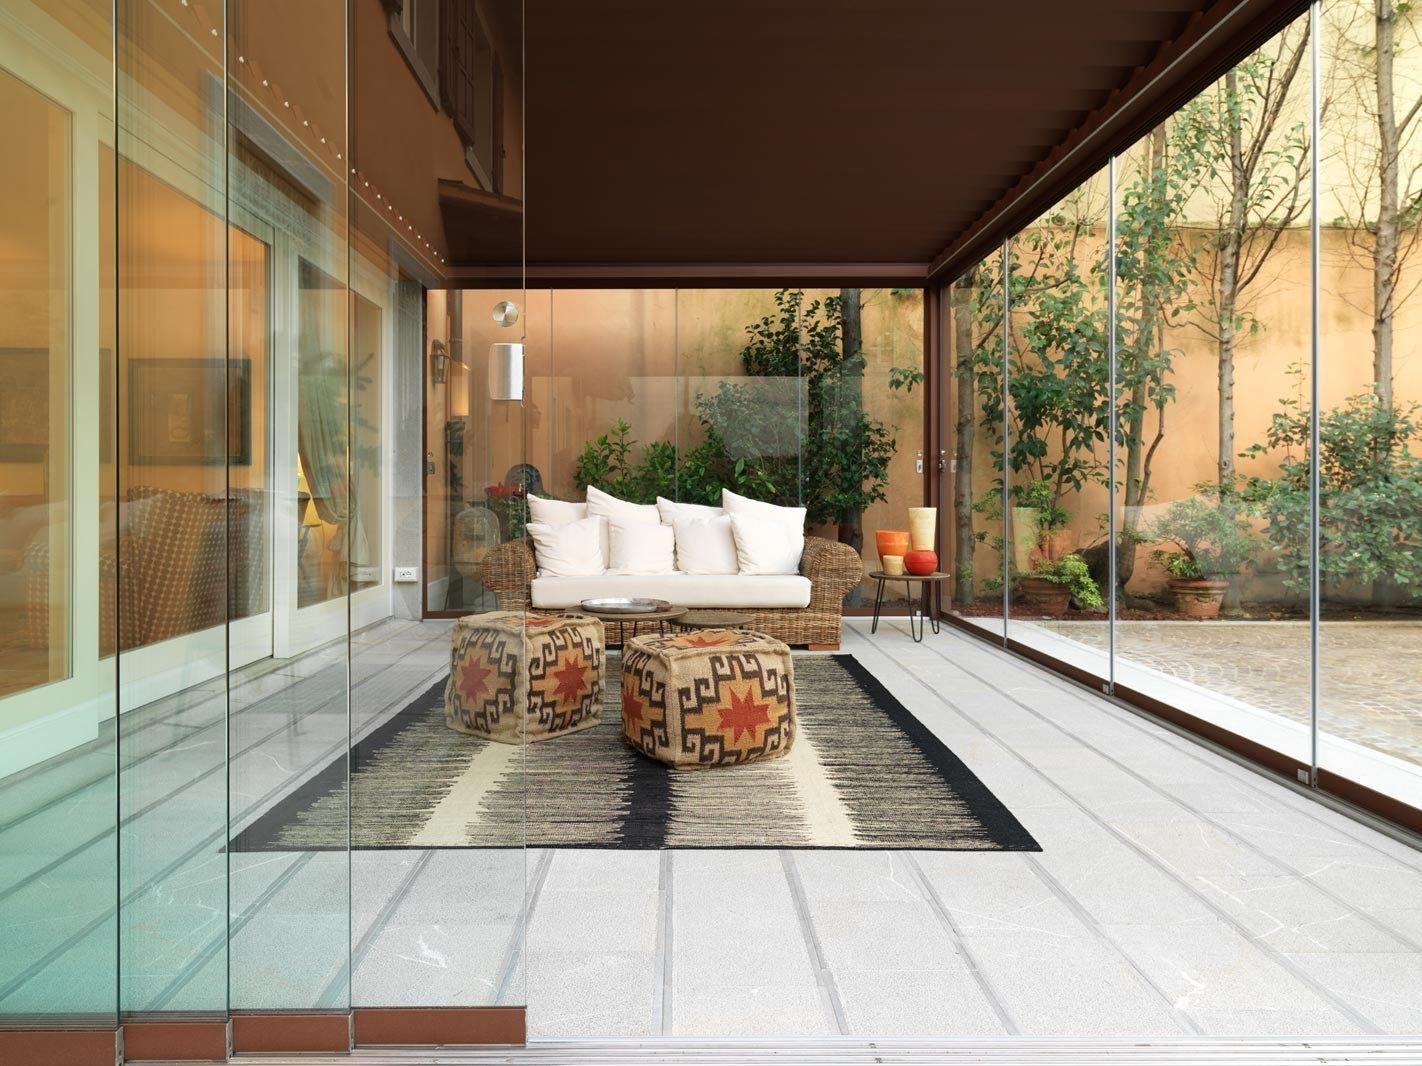 Giardino d 39 inverno con porte scorrevoli slide glass by - Giardino d inverno prezzo ...